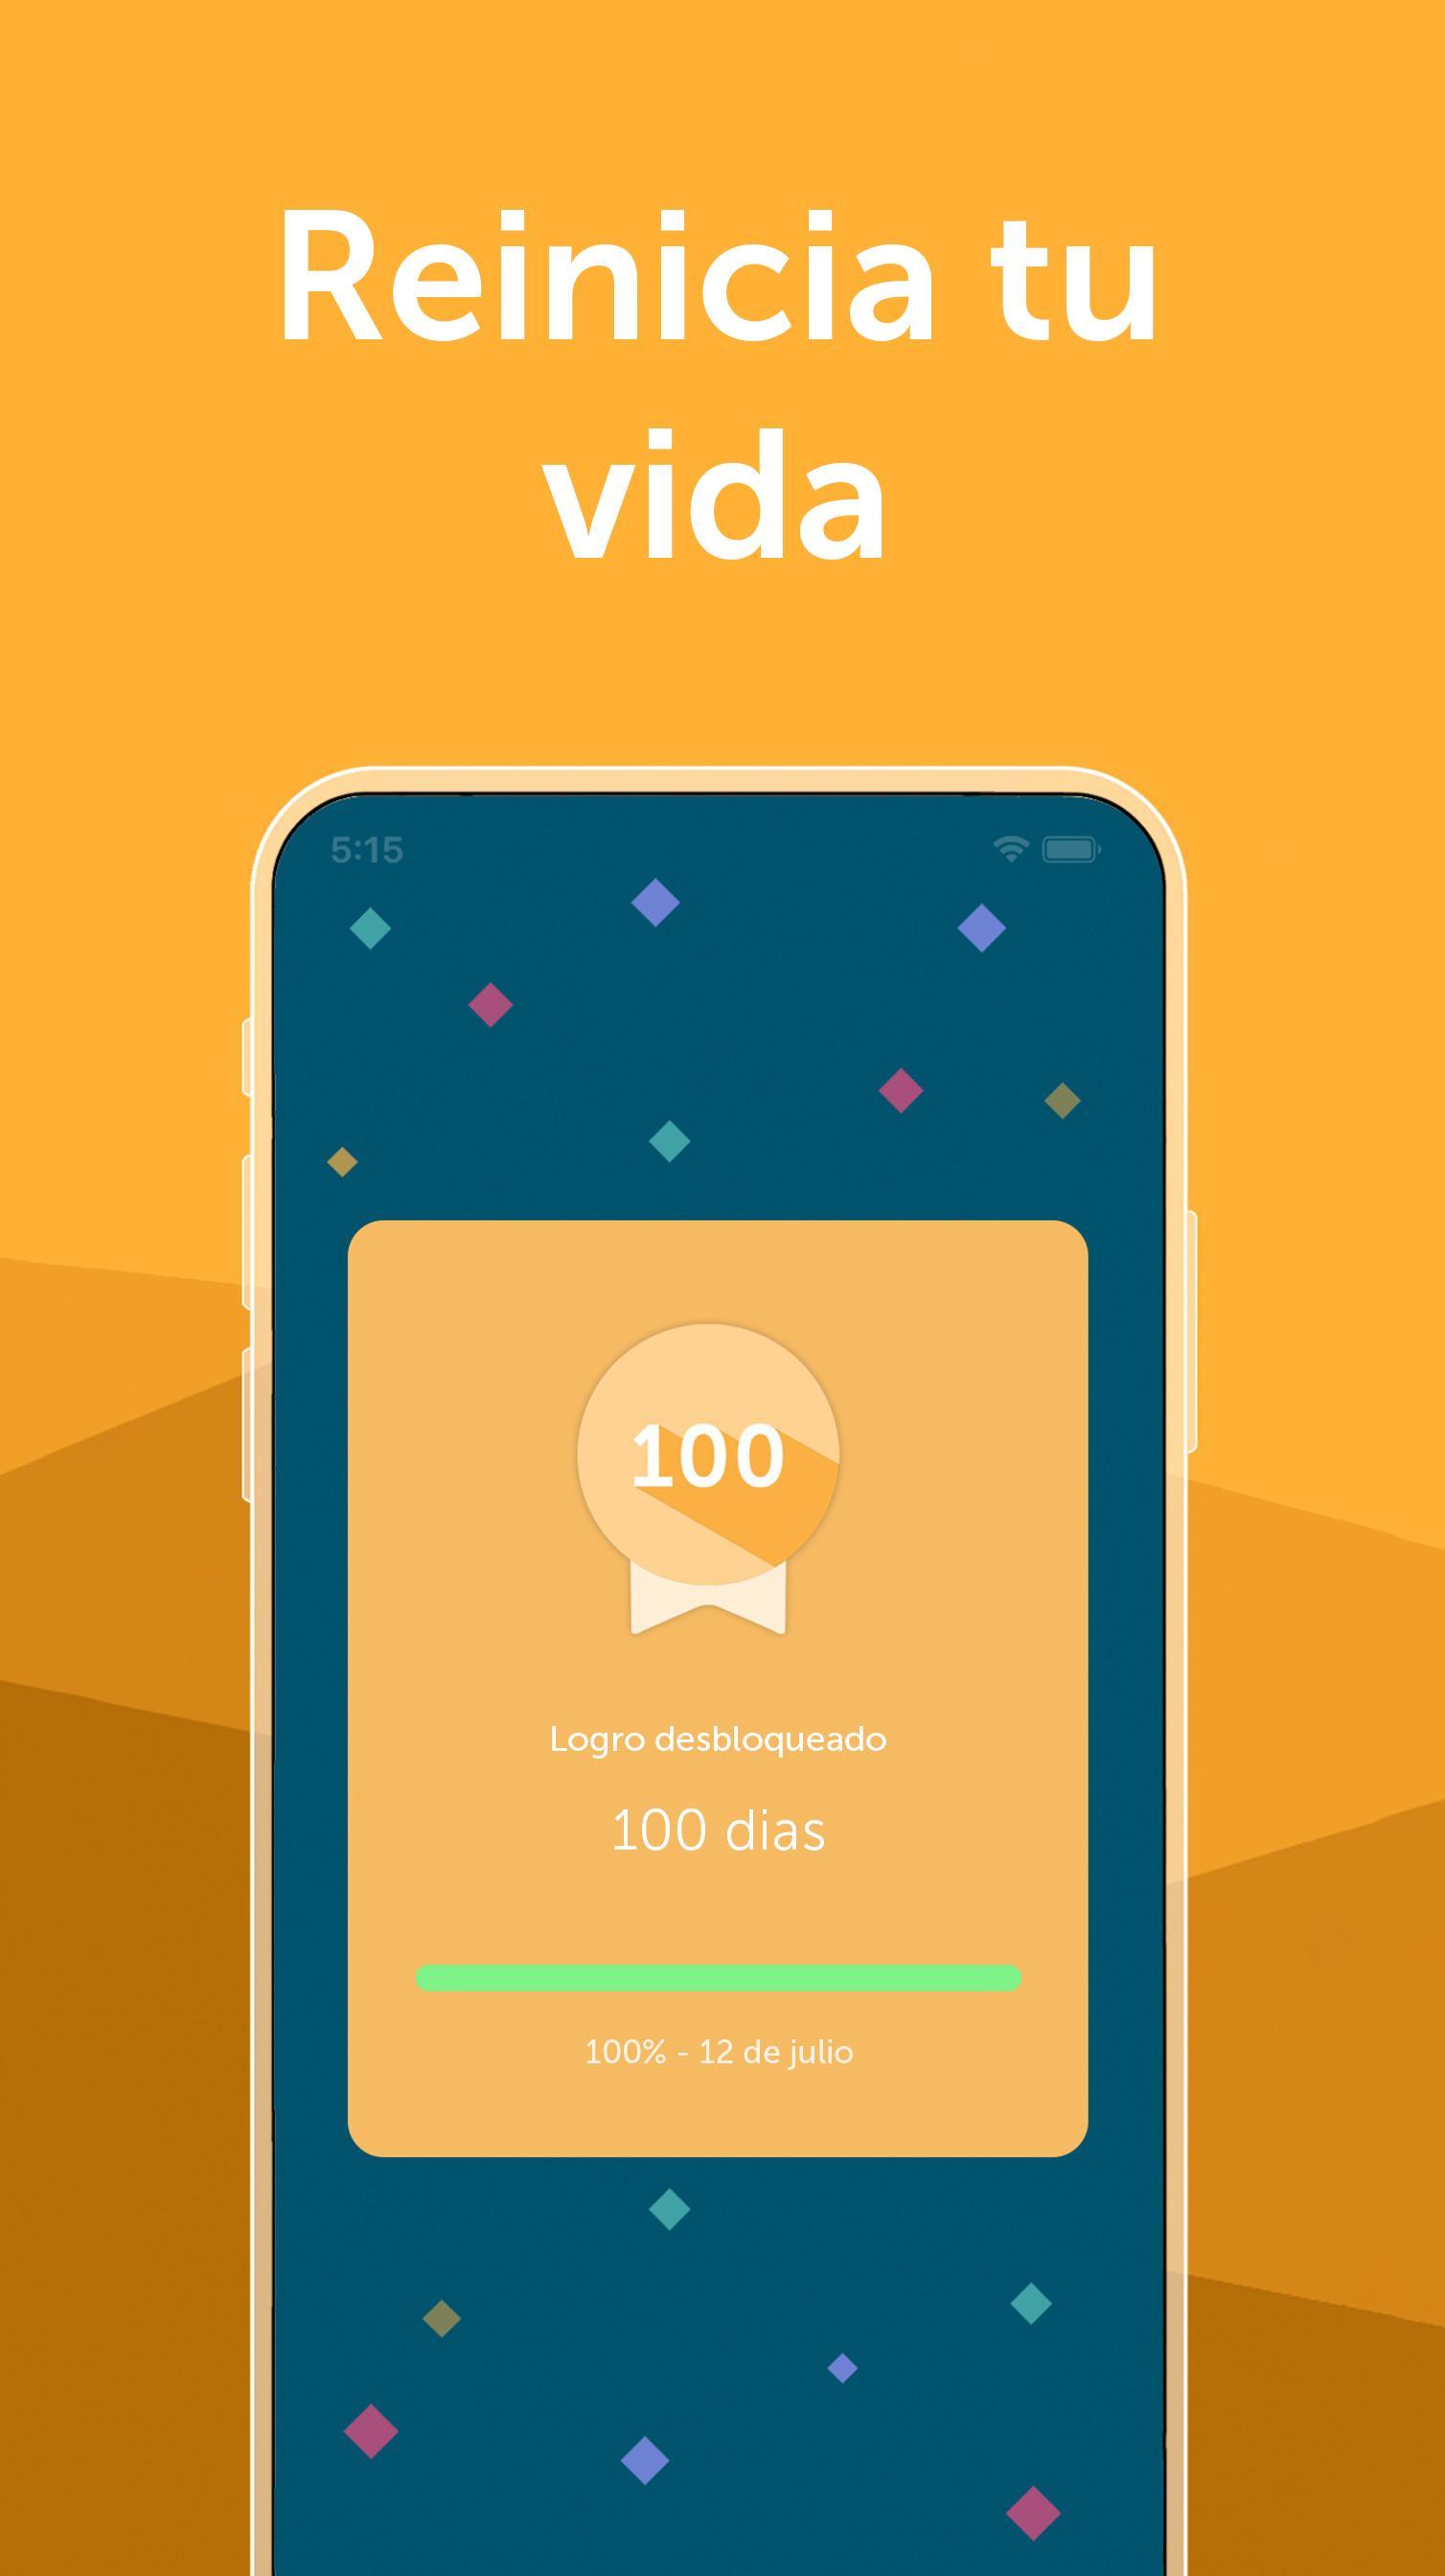 Aplicaciones Para No Ver Porno brainbuddy for android - apk download